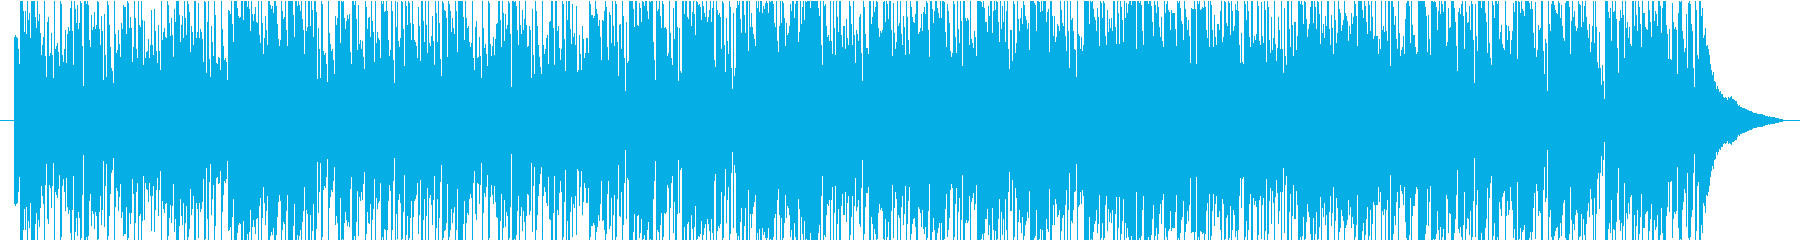 クールで軽快なサックスのフュージョンの再生済みの波形